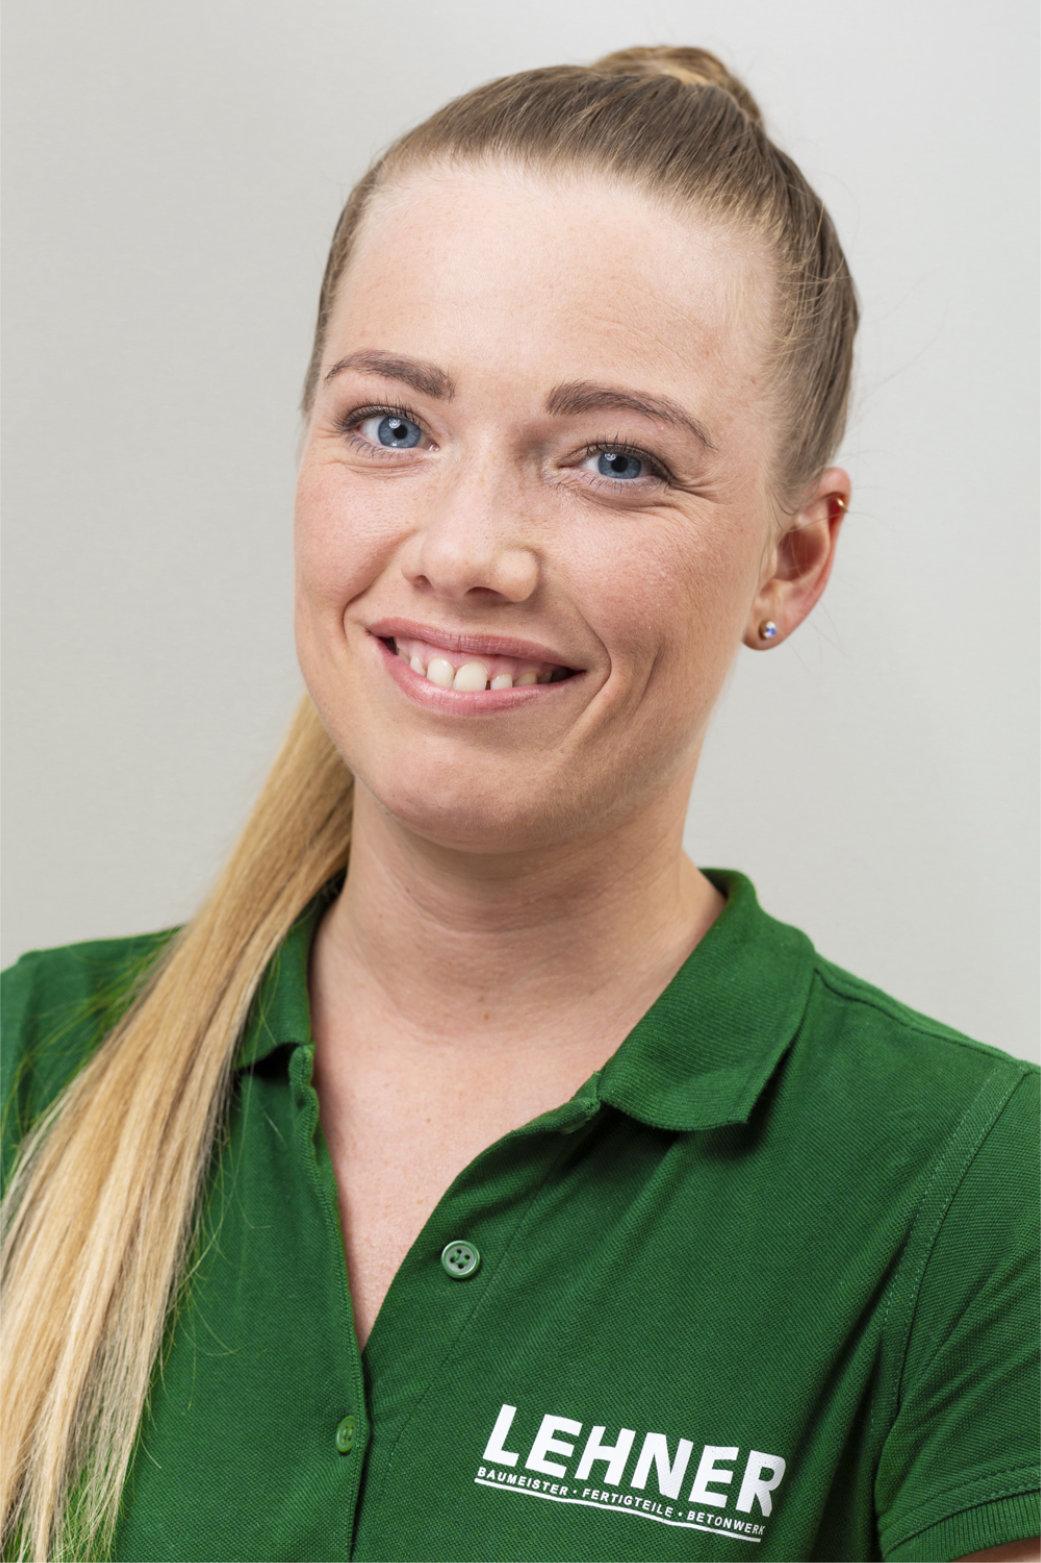 Bsc Tamara Muttenthaler